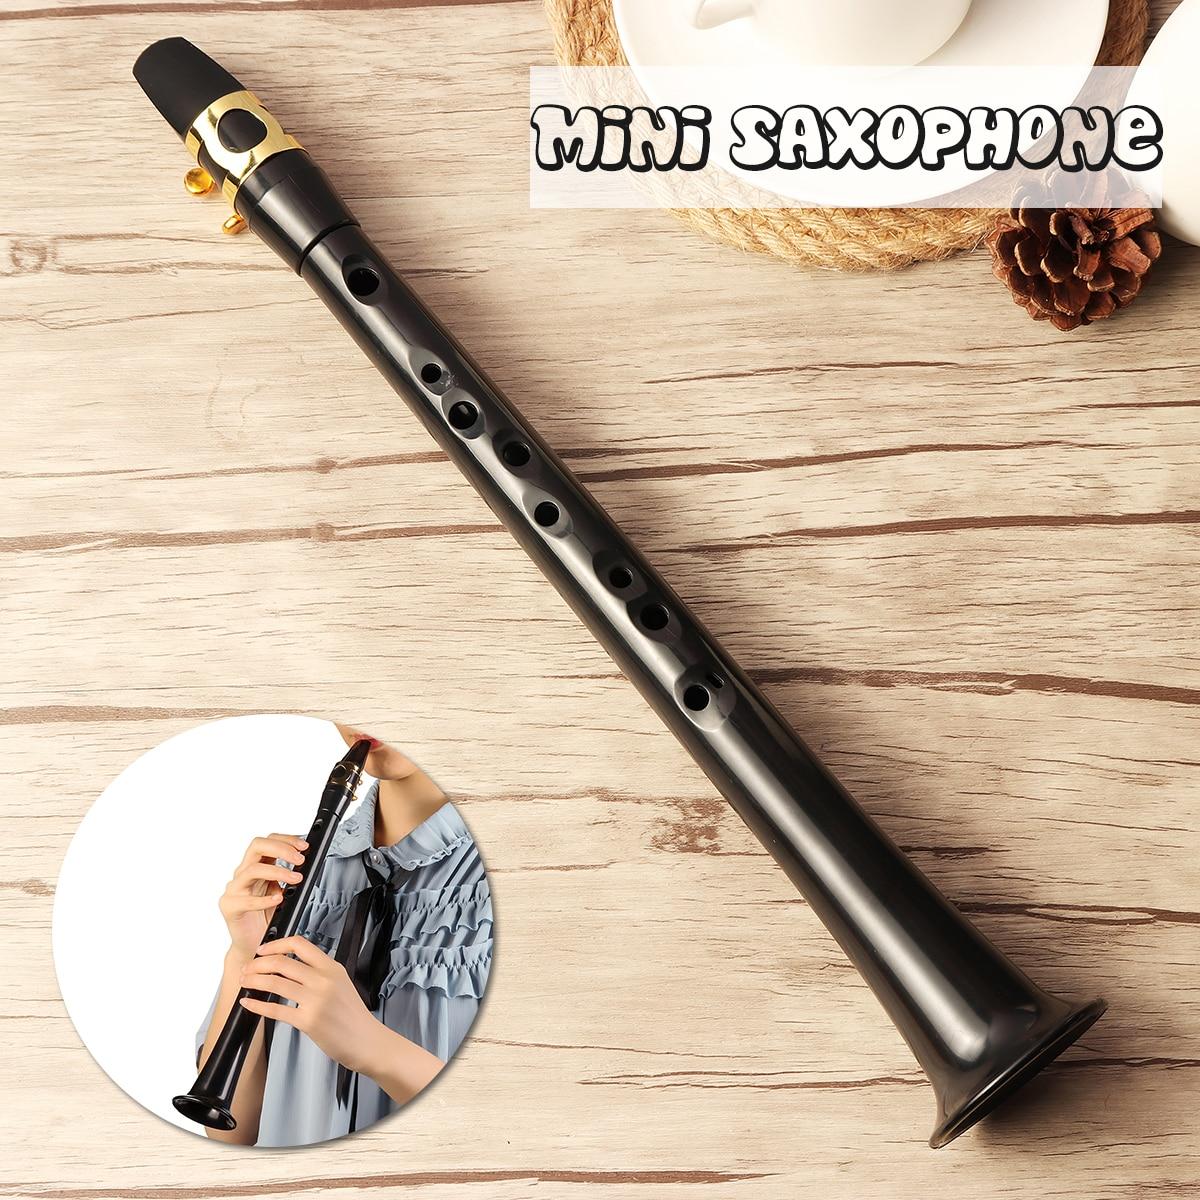 Schwarz LittleSax Mini Sax Tragbare C Schlüssel Saxophon ABS Leichte Sax Musical Instruments mit Tragetasche für Begginer